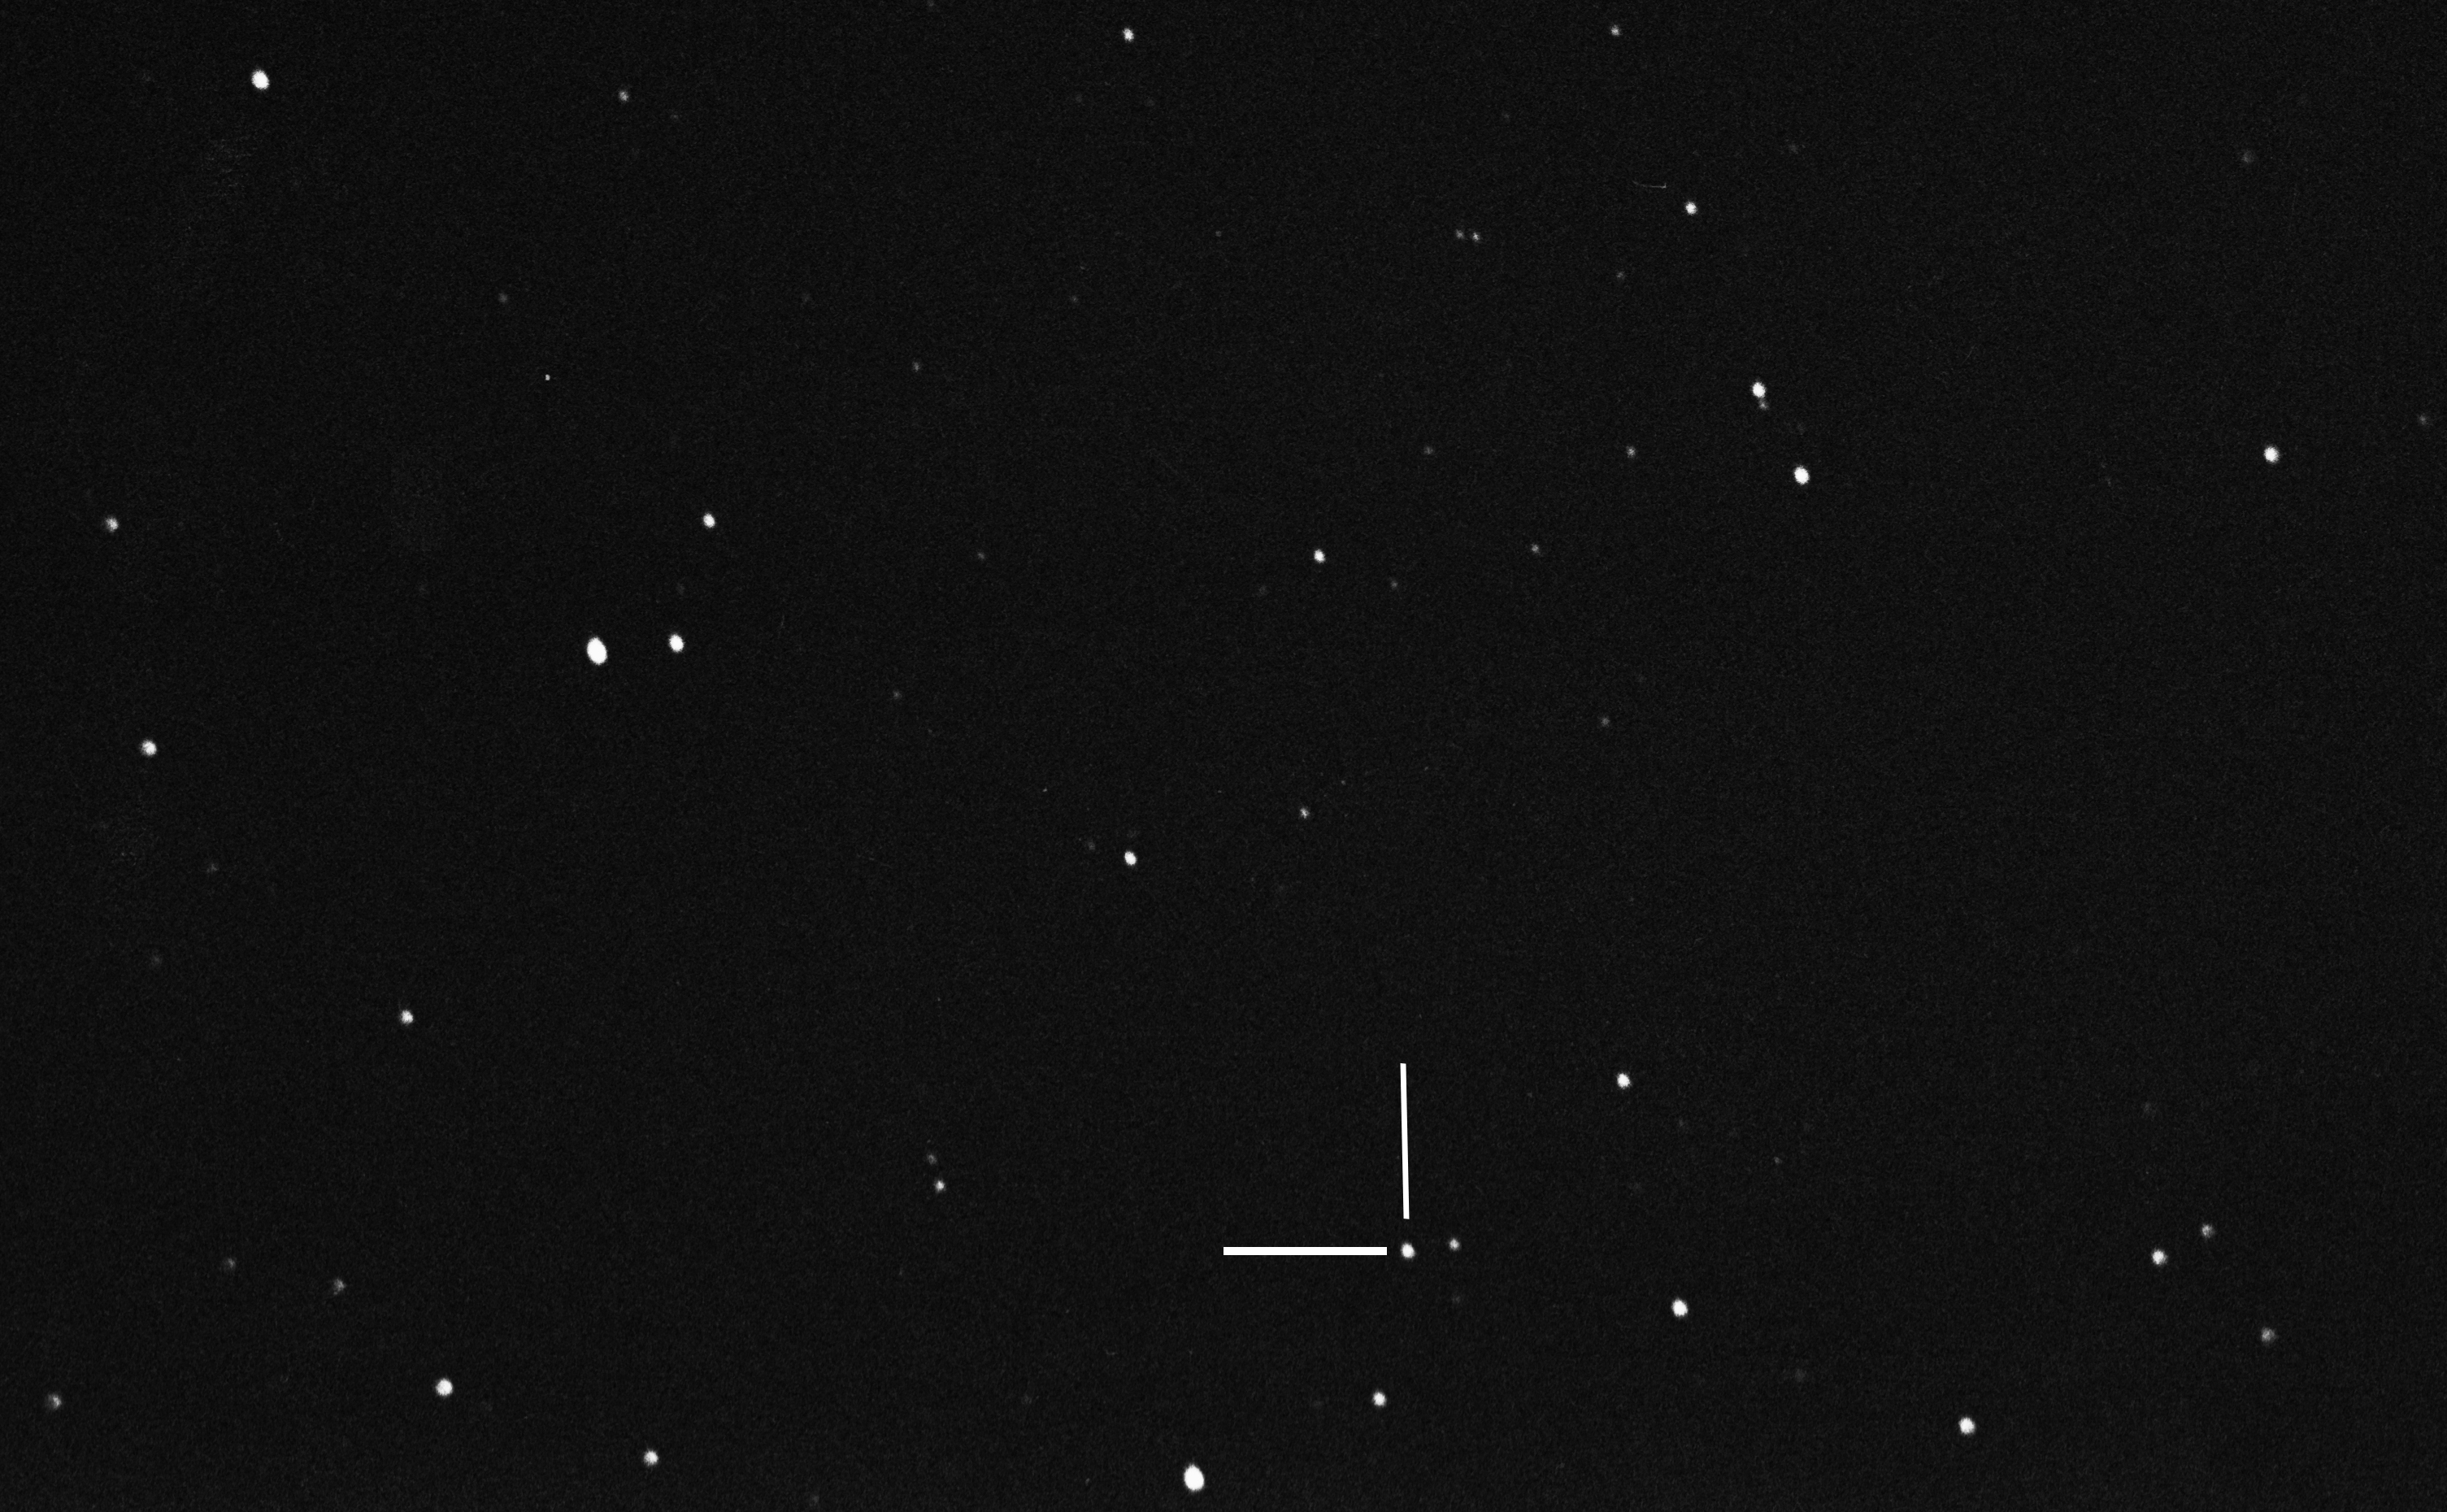 Quasar-3C-273-950324-A126-26A-F